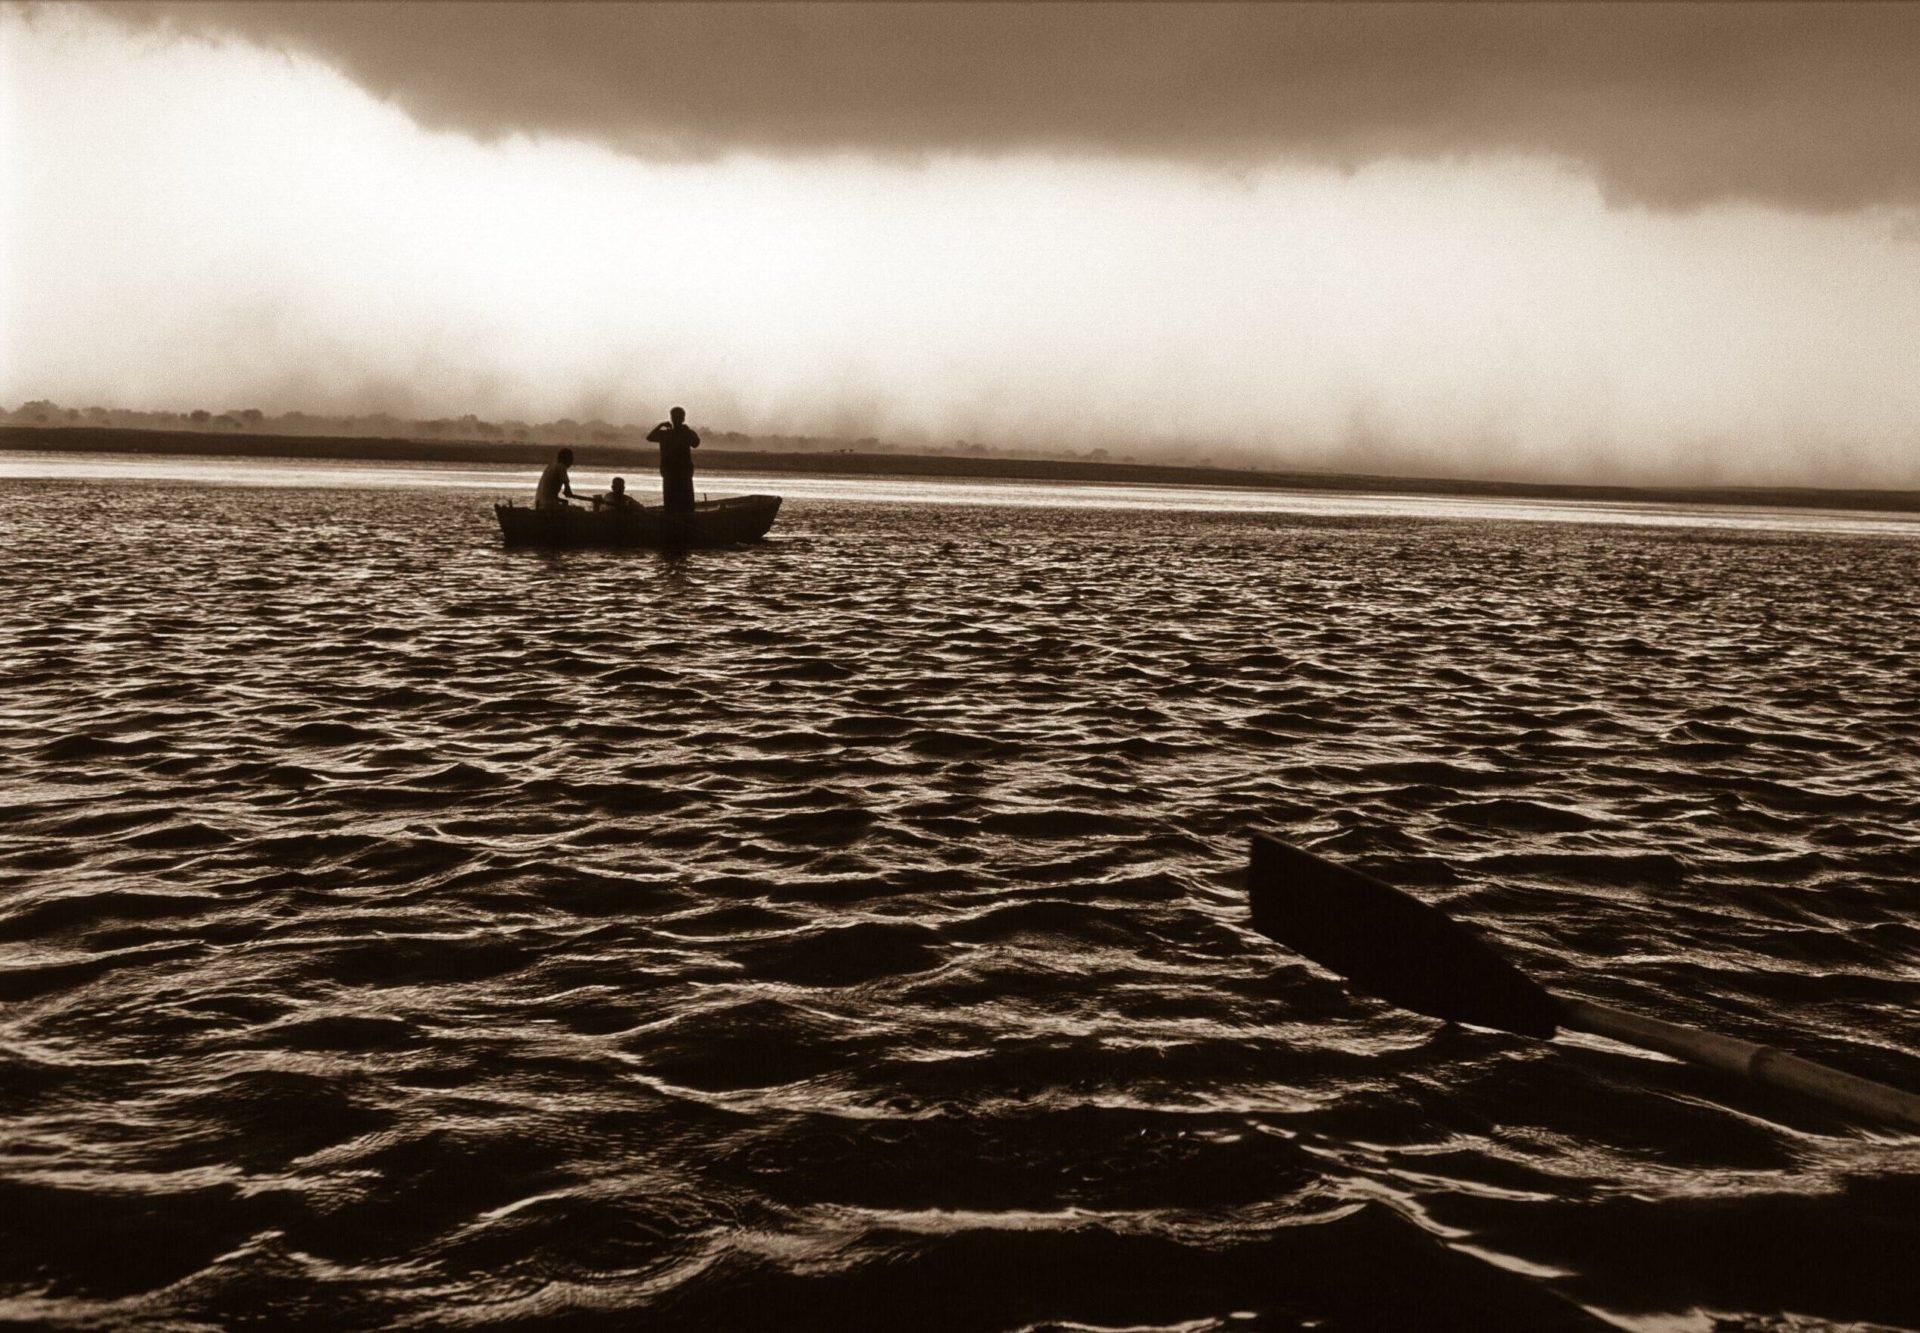 Gange, zone du fleuve ou fraient les poissons qui savent lire le karma © Philippe Pataud Célérier